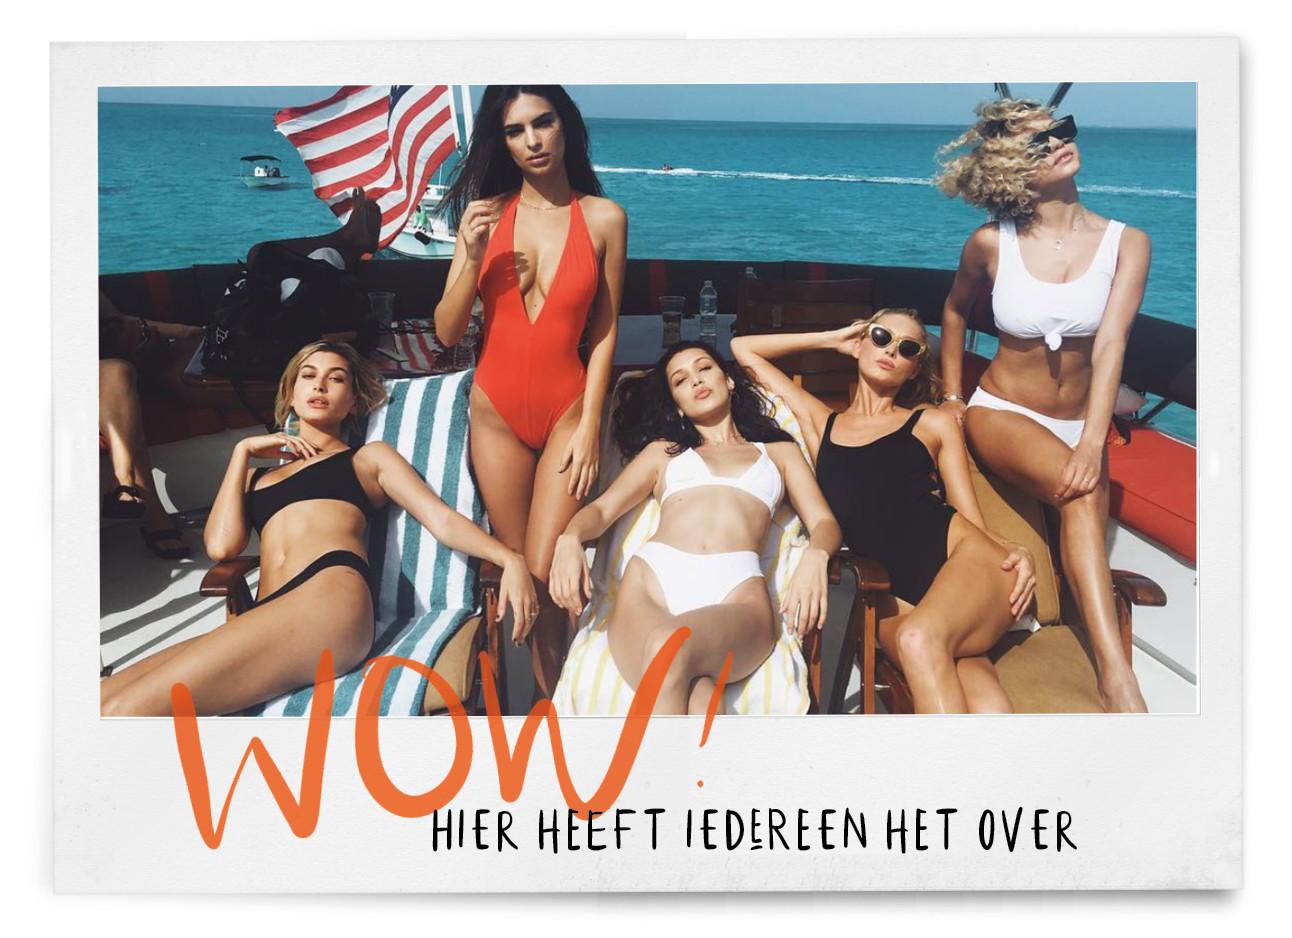 fyre festival modellen op een boot in de zon met badpak en bikini